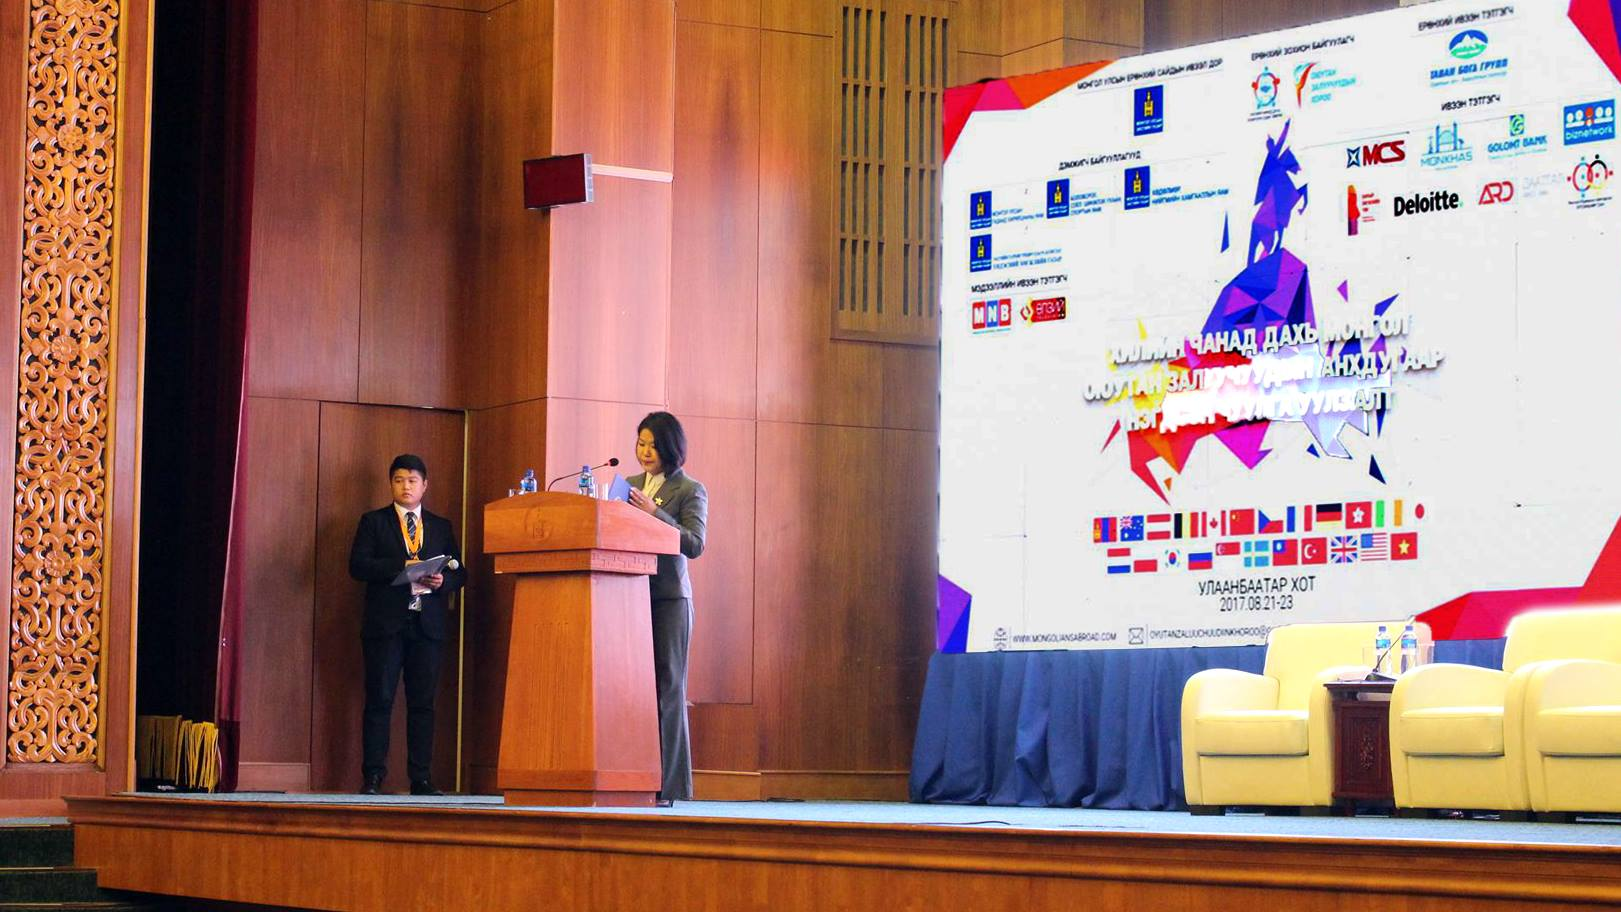 Хилийн чанад дахь монгол оюутан залуучуудын анхдугаар чуулга уулзалтад оролцогчдод Ерөнхий сайд мэндчилгээ дэвшүүллээ